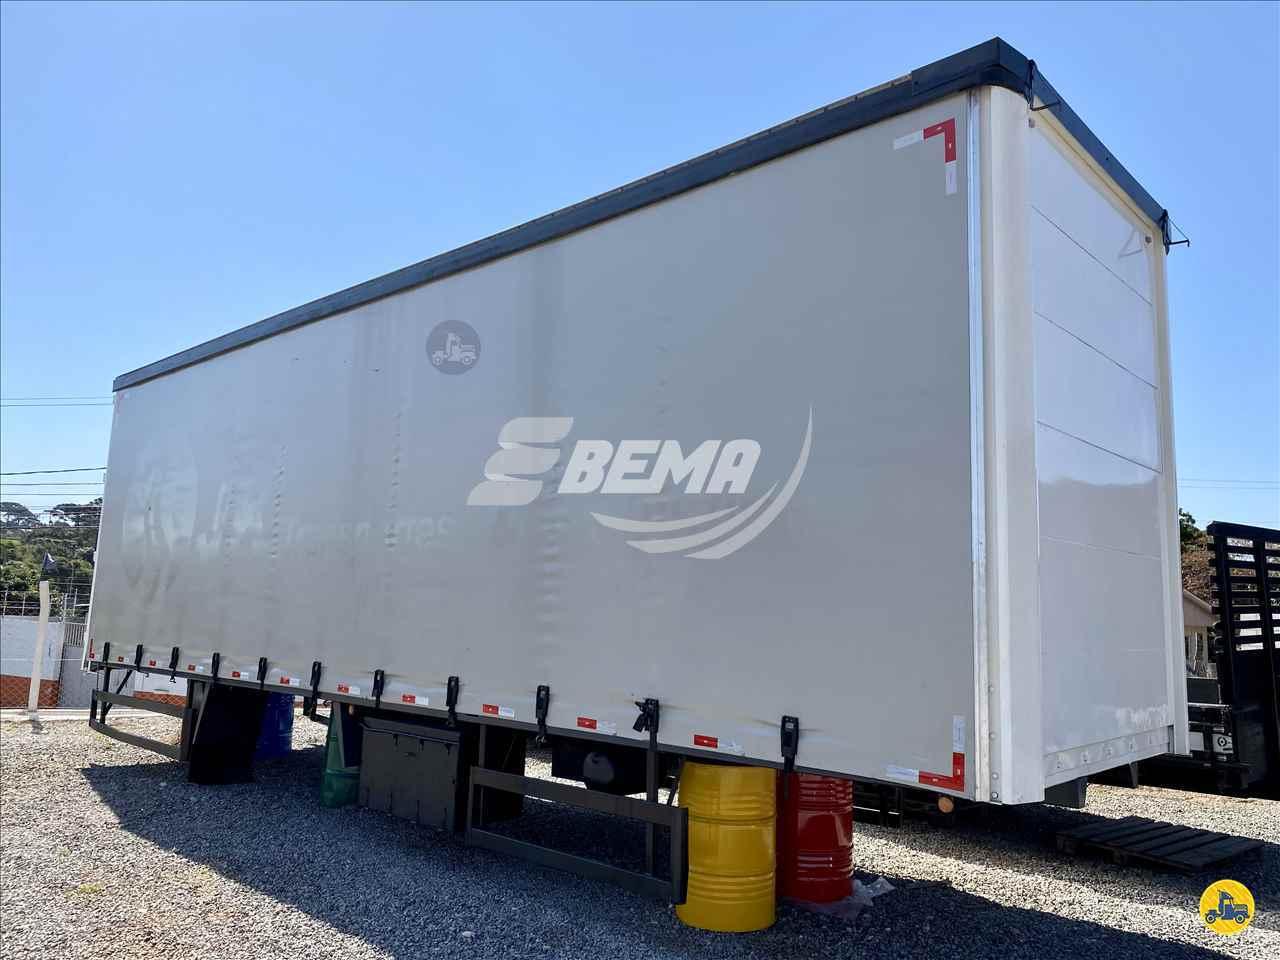 CAMINHAO MERCEDES-BENZ MB 3030 Baú Sider Truck 6x2 EBEMA Caminhões SAO JOSE DOS PINHAIS PARANÁ PR